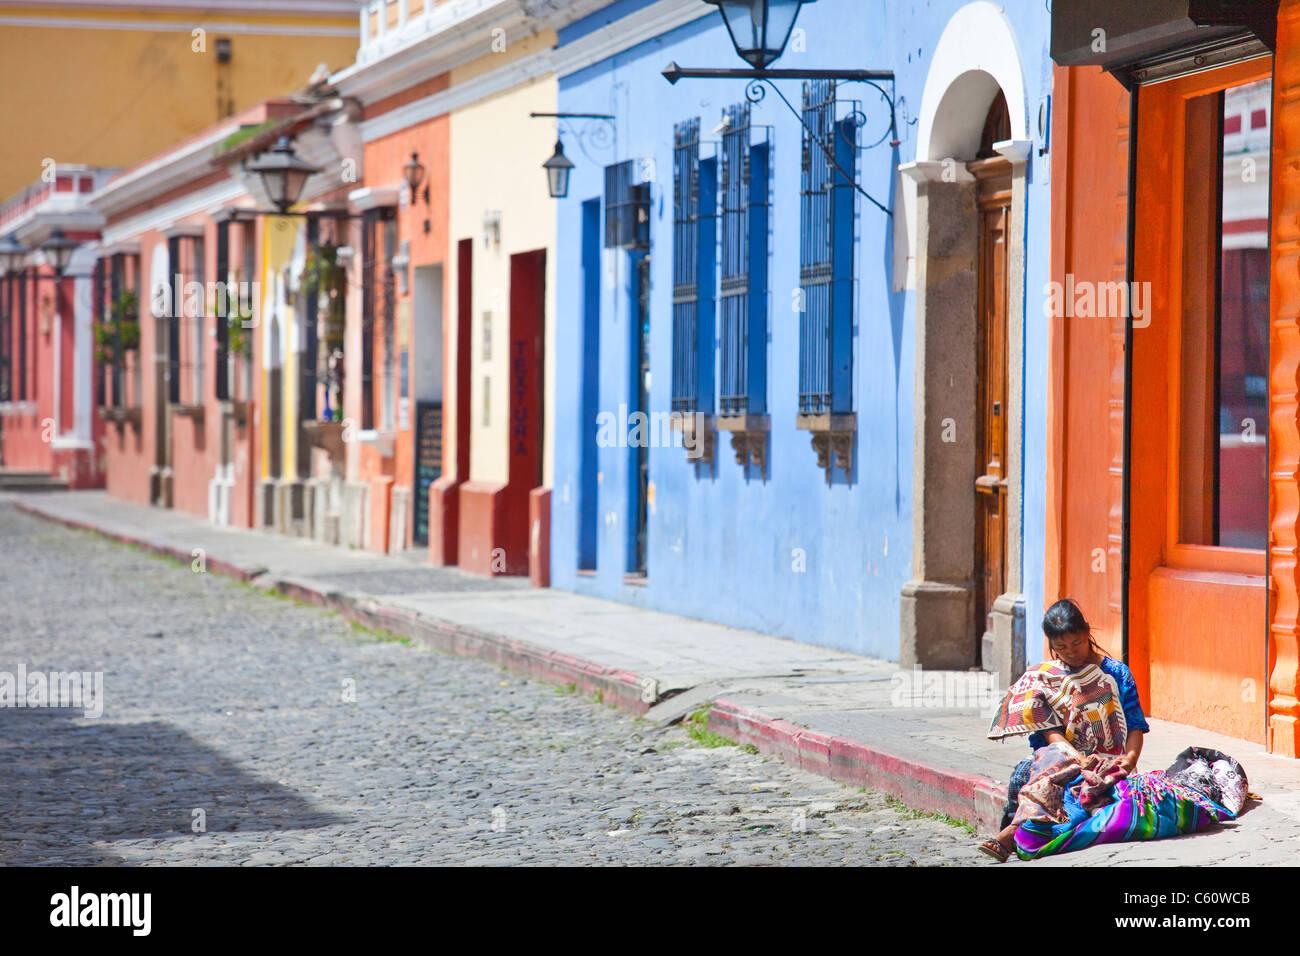 Calle del Arco, Antigua, Guatemala - Stock Image